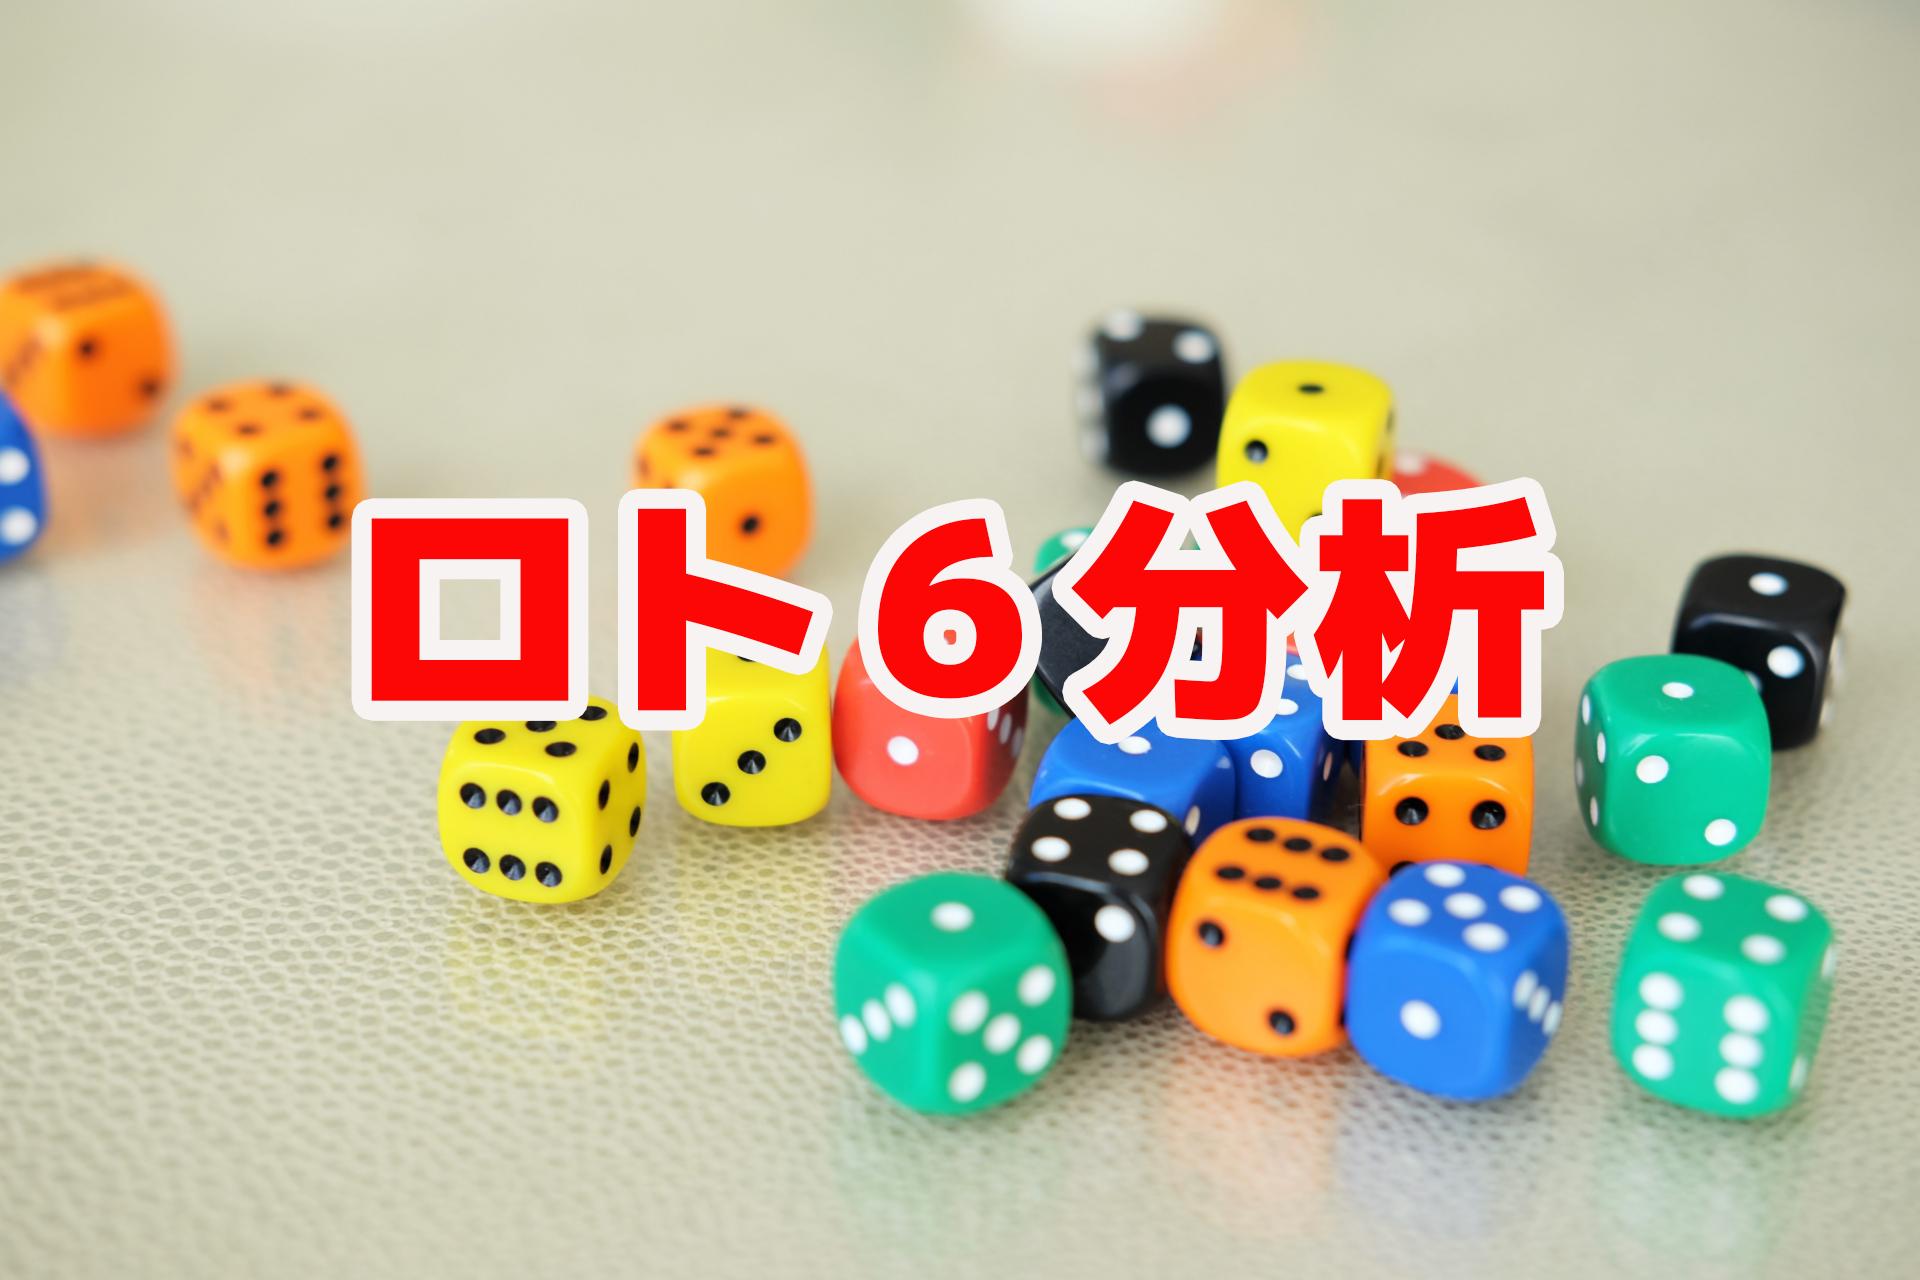 6 目 100 出 ロト